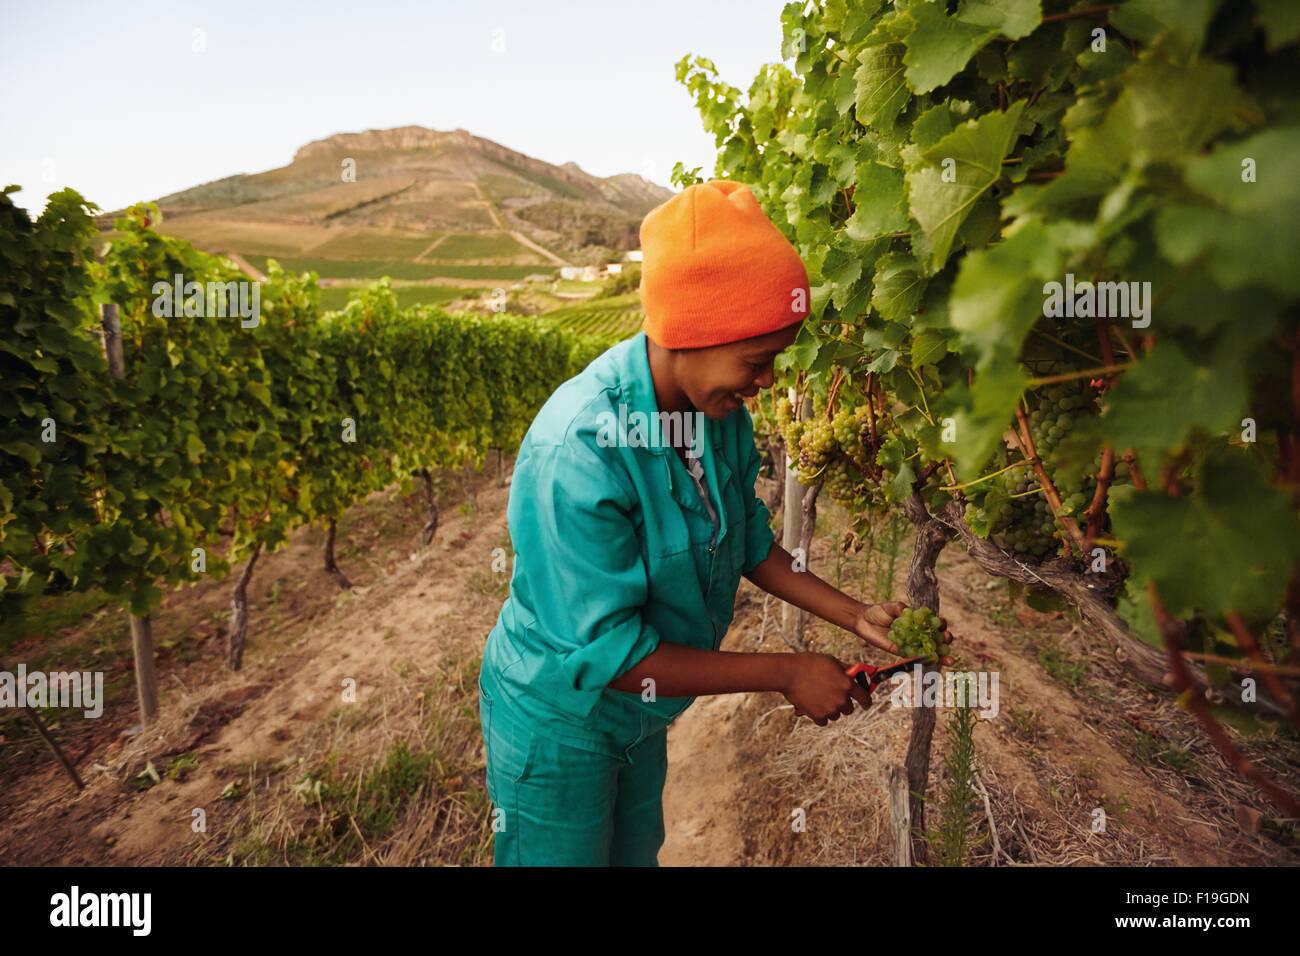 Mujer en viñedos de uva recogida. Picker cosechando uvas en la vid. Imagen De Stock